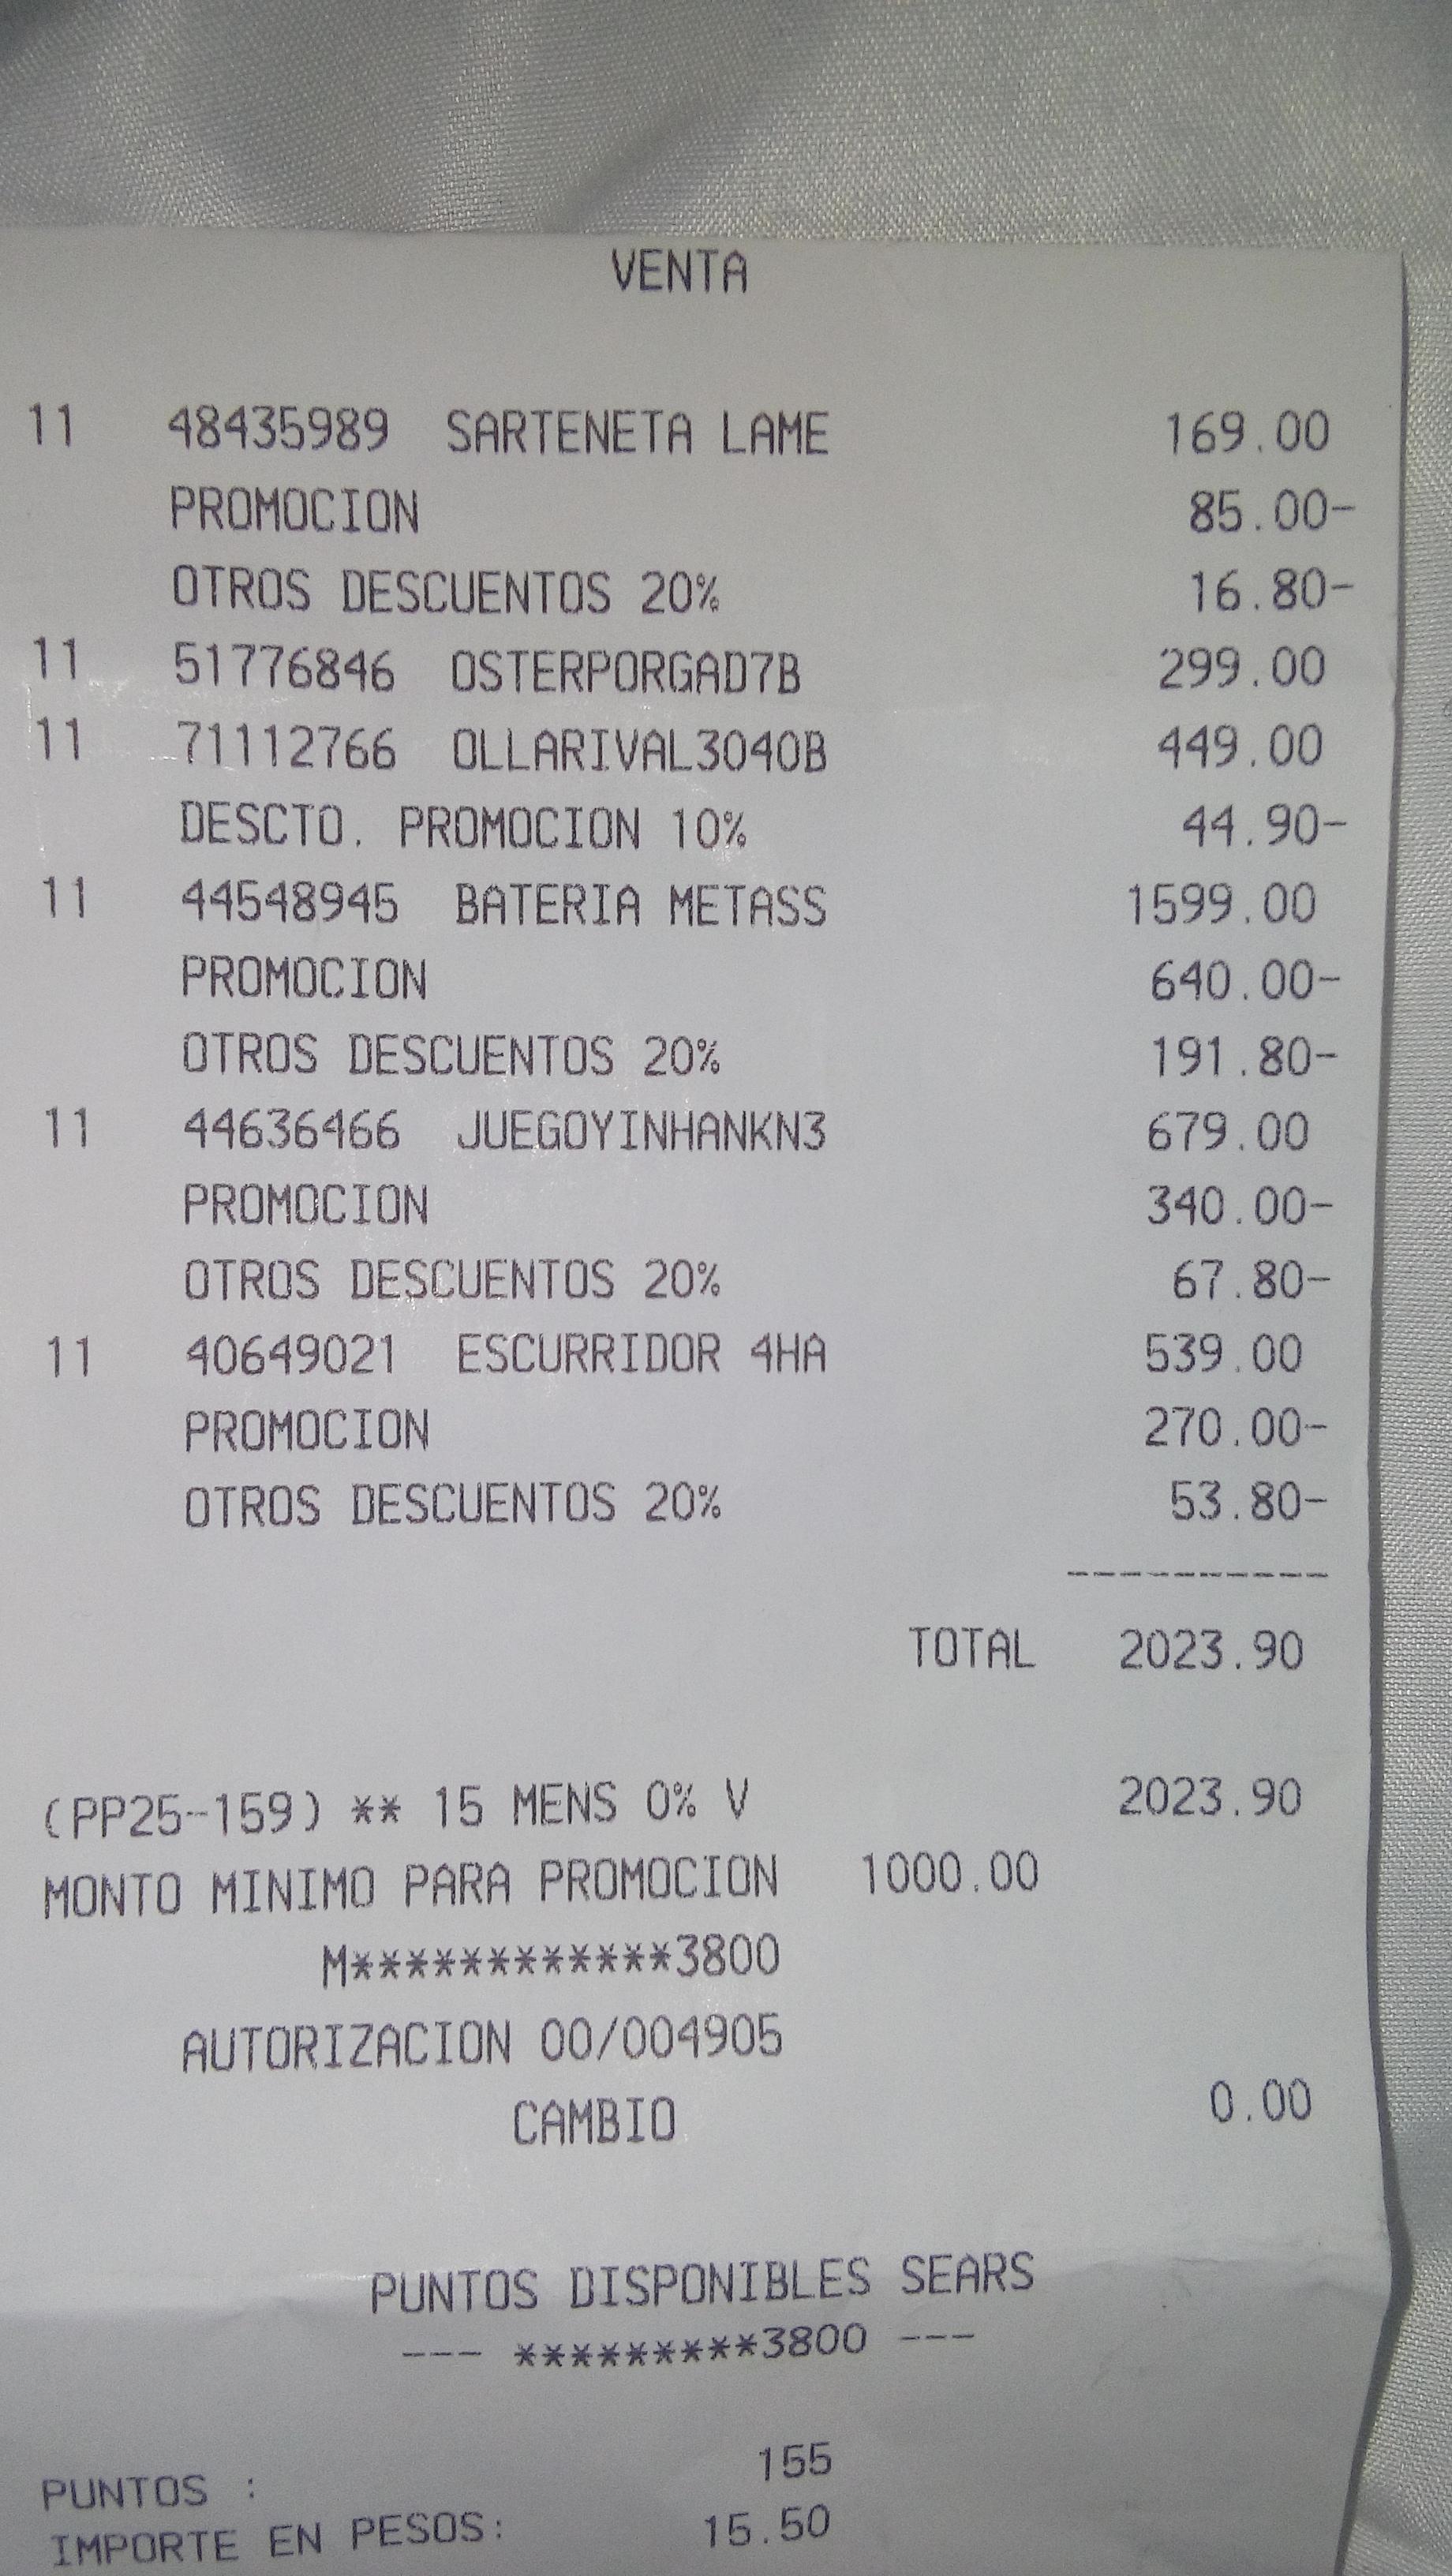 Ofertas Sears 50% + 20% + 15 meses sin intereses + Pronovela